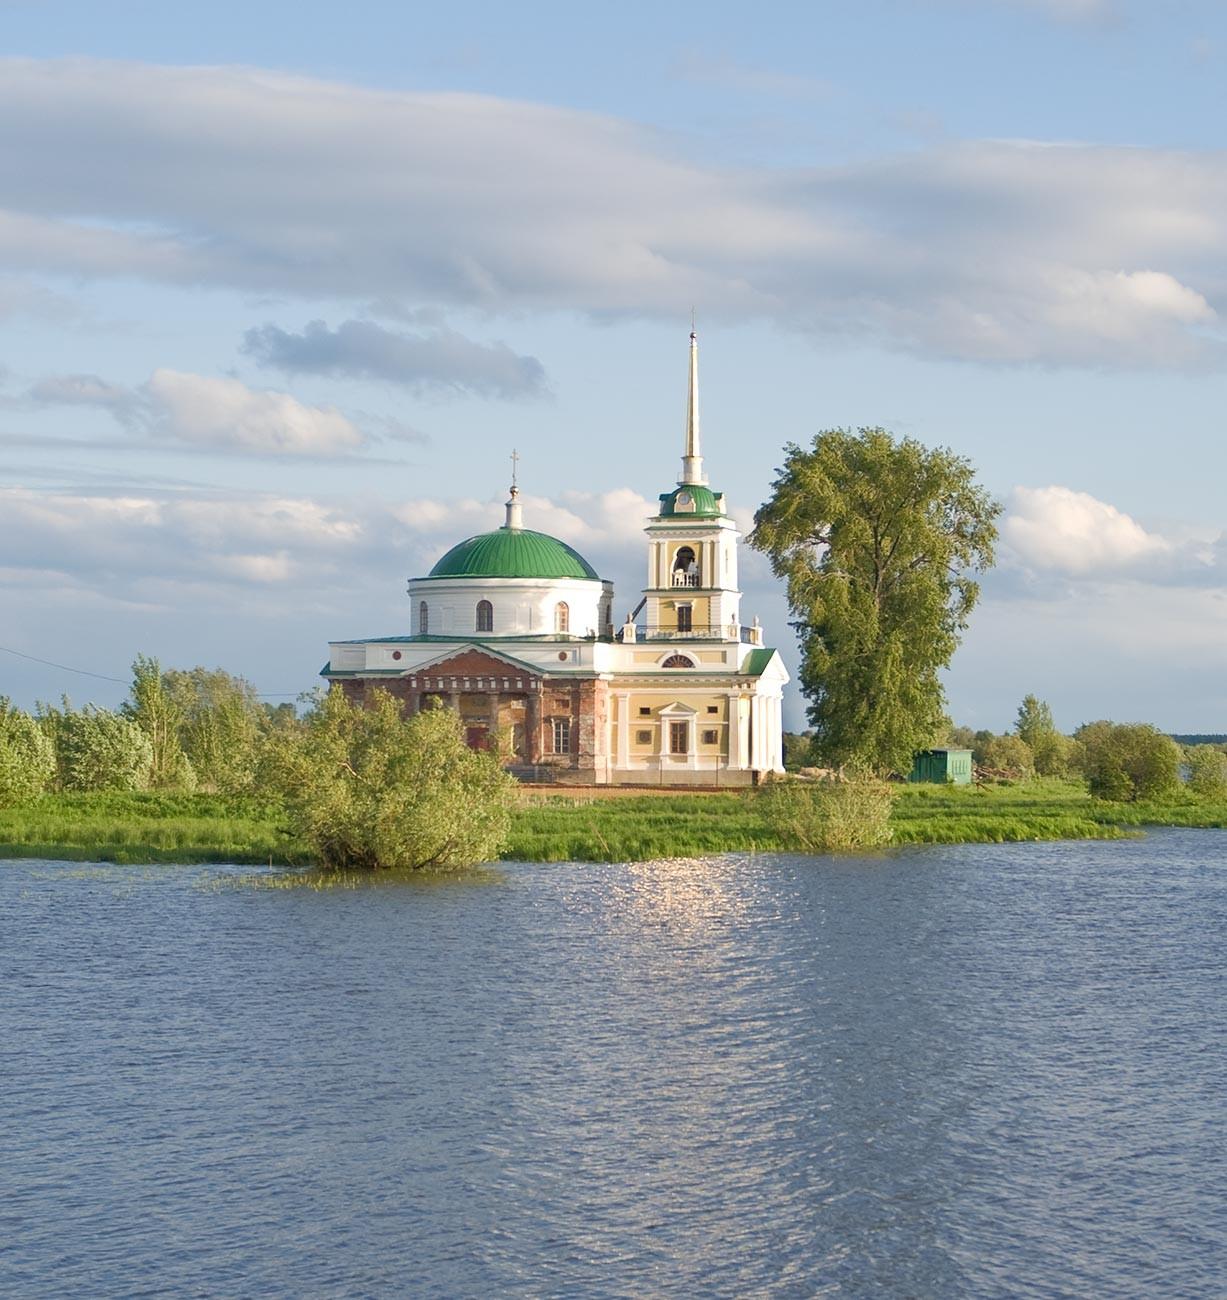 Oussolié. Église Saint-Nicolas. Vue sur le bras de la rivière Kama